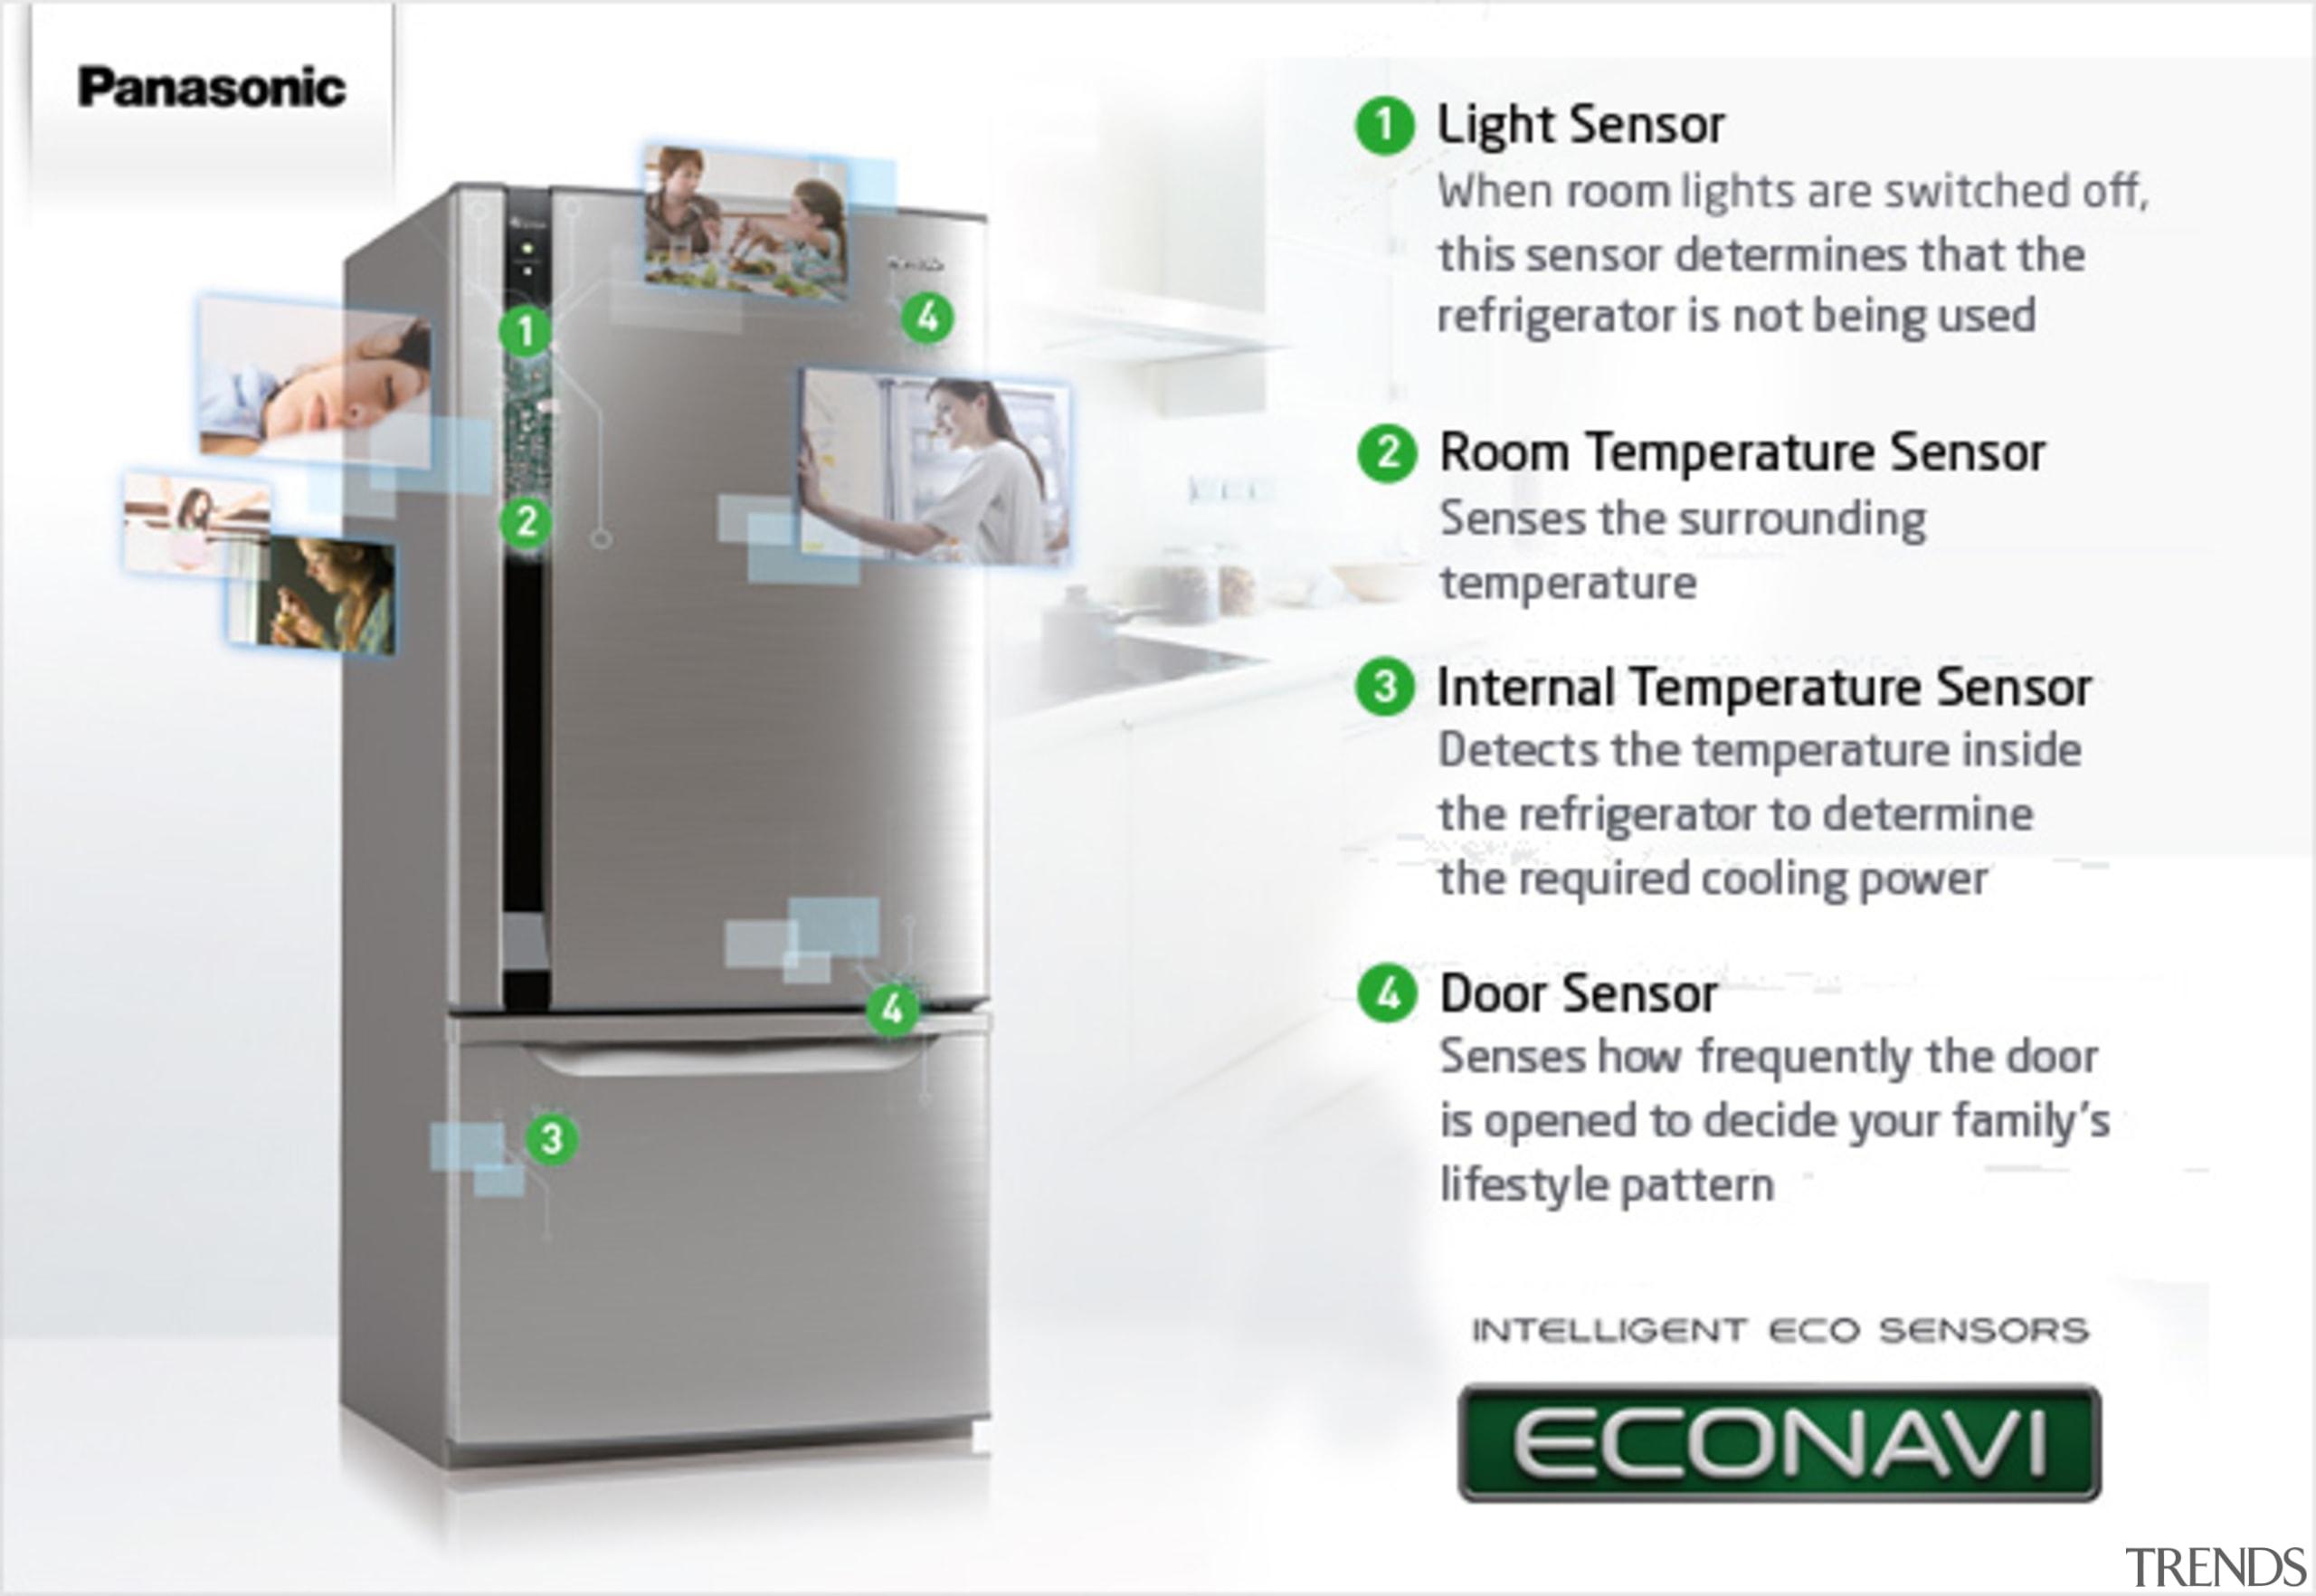 Econavi Panasonic Fridge - machine | product | machine, product, water, white